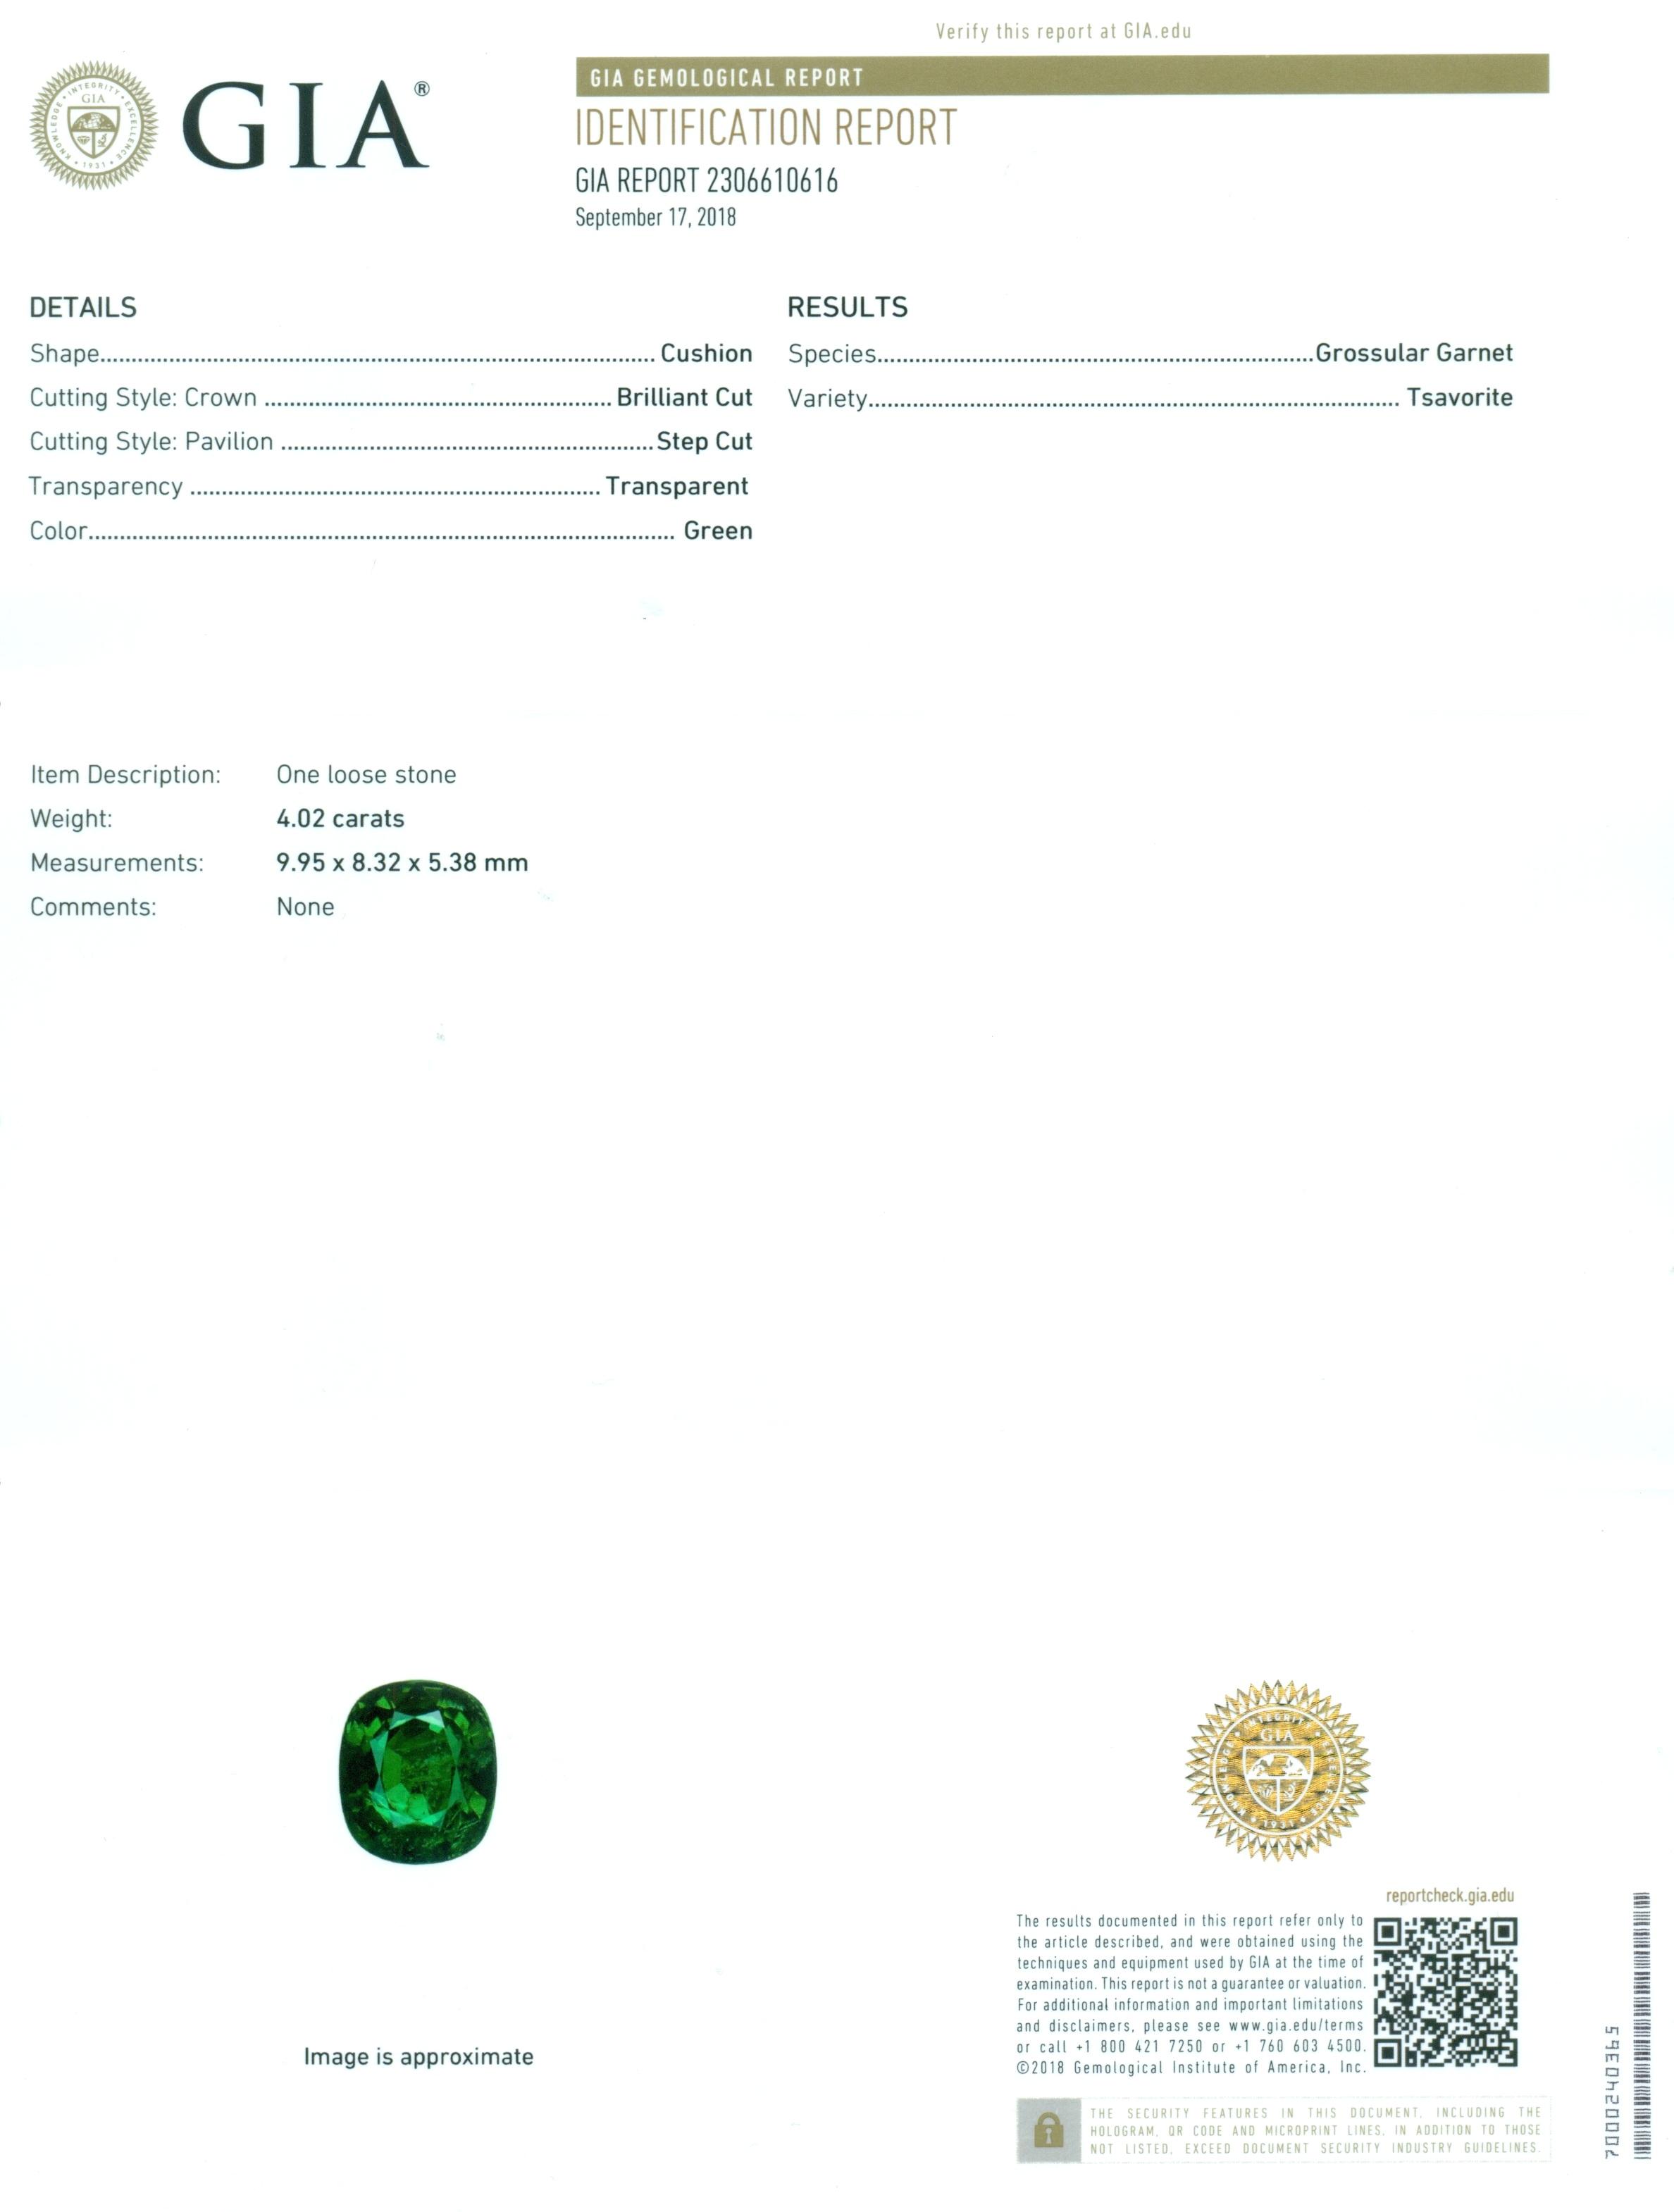 Lot 53 - GIA Certified 4.02 ct. Tsavorite Garnet - Untreated - KENYA, EAST AFRICA